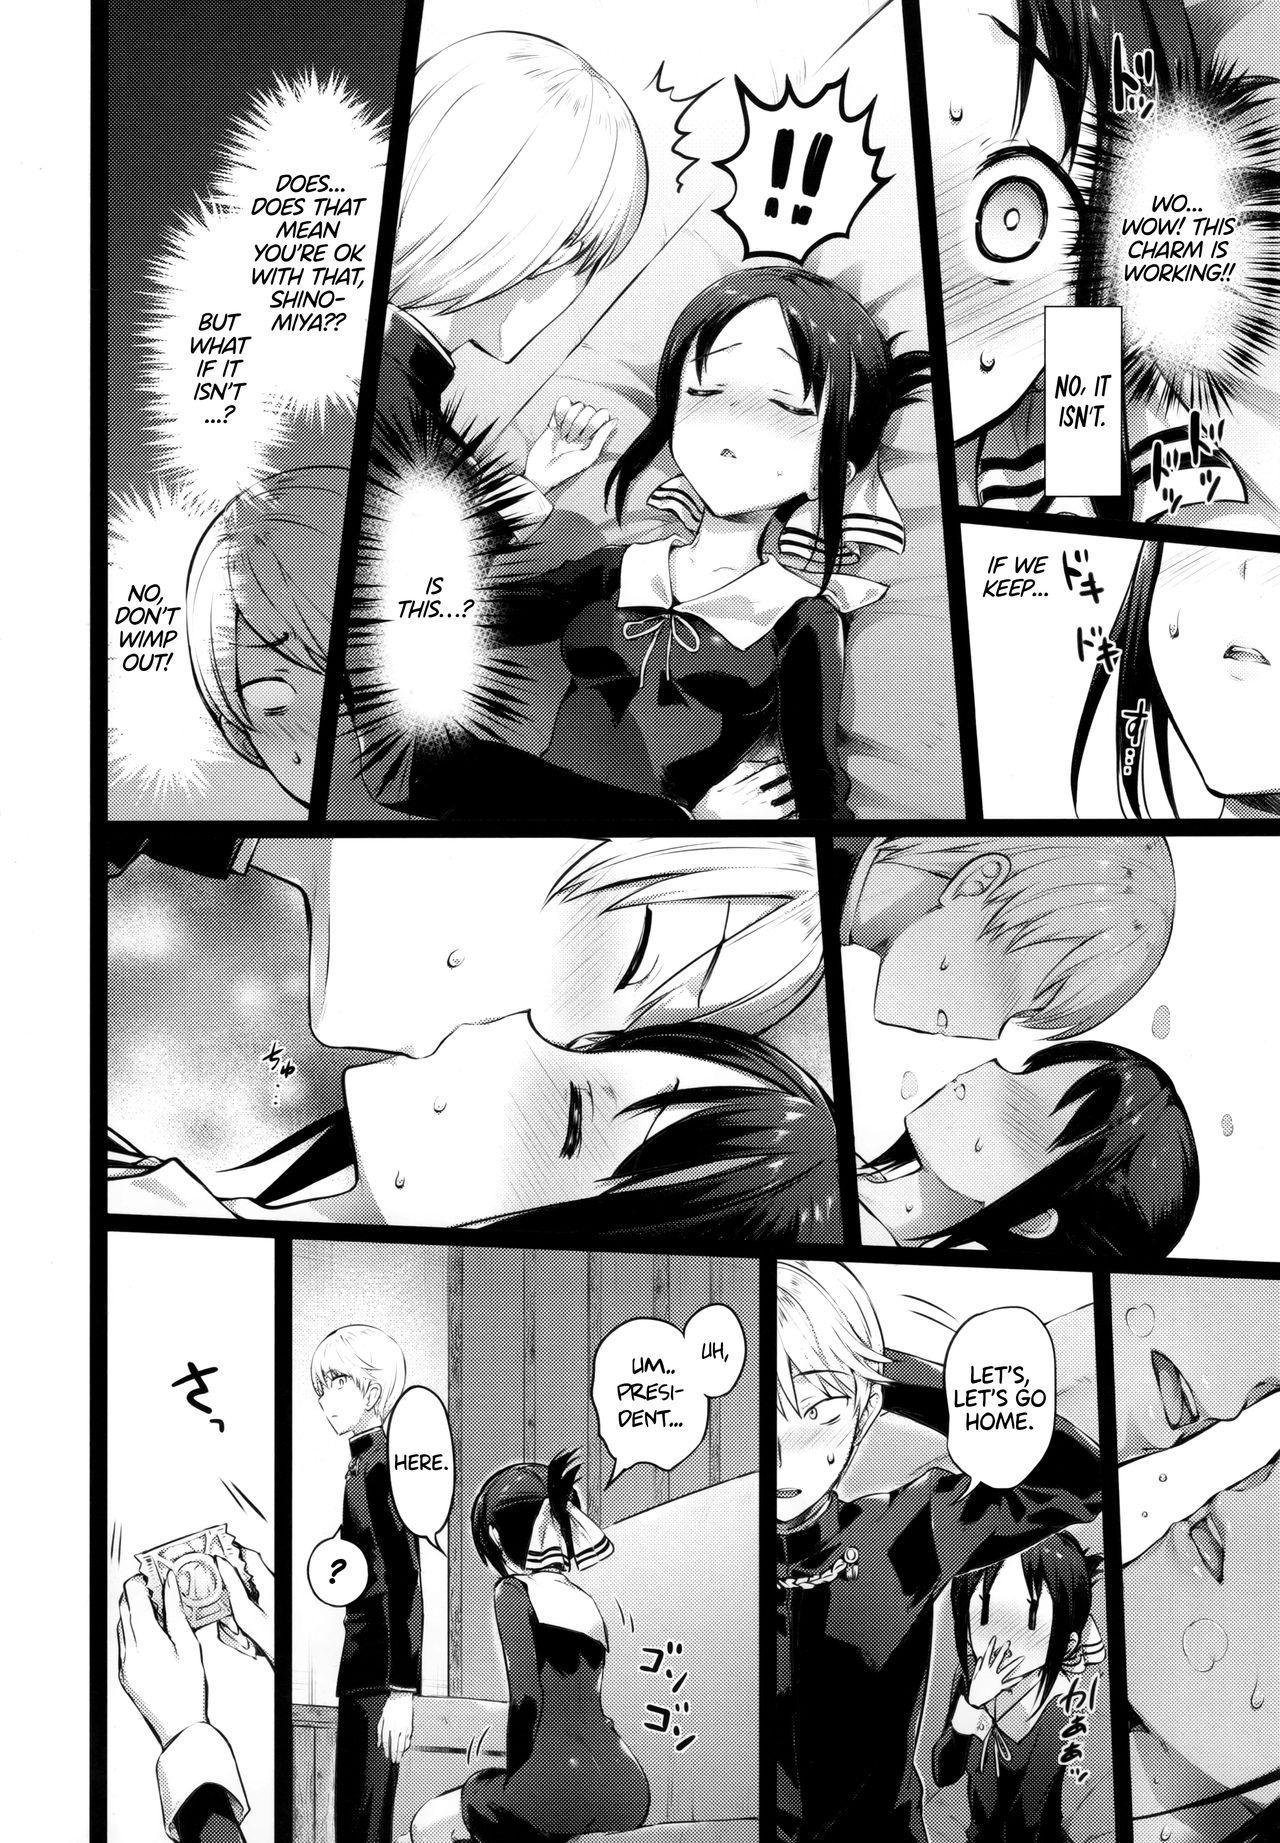 [Neko wa Manma ga Utsukushii (Hisasi)] Kaguya-sama no Enmusubi | Kaguya-sama's Matchmaking Charm (Kaguya-sama wa Kokurasetai) [English] [Zaibatsu] 5